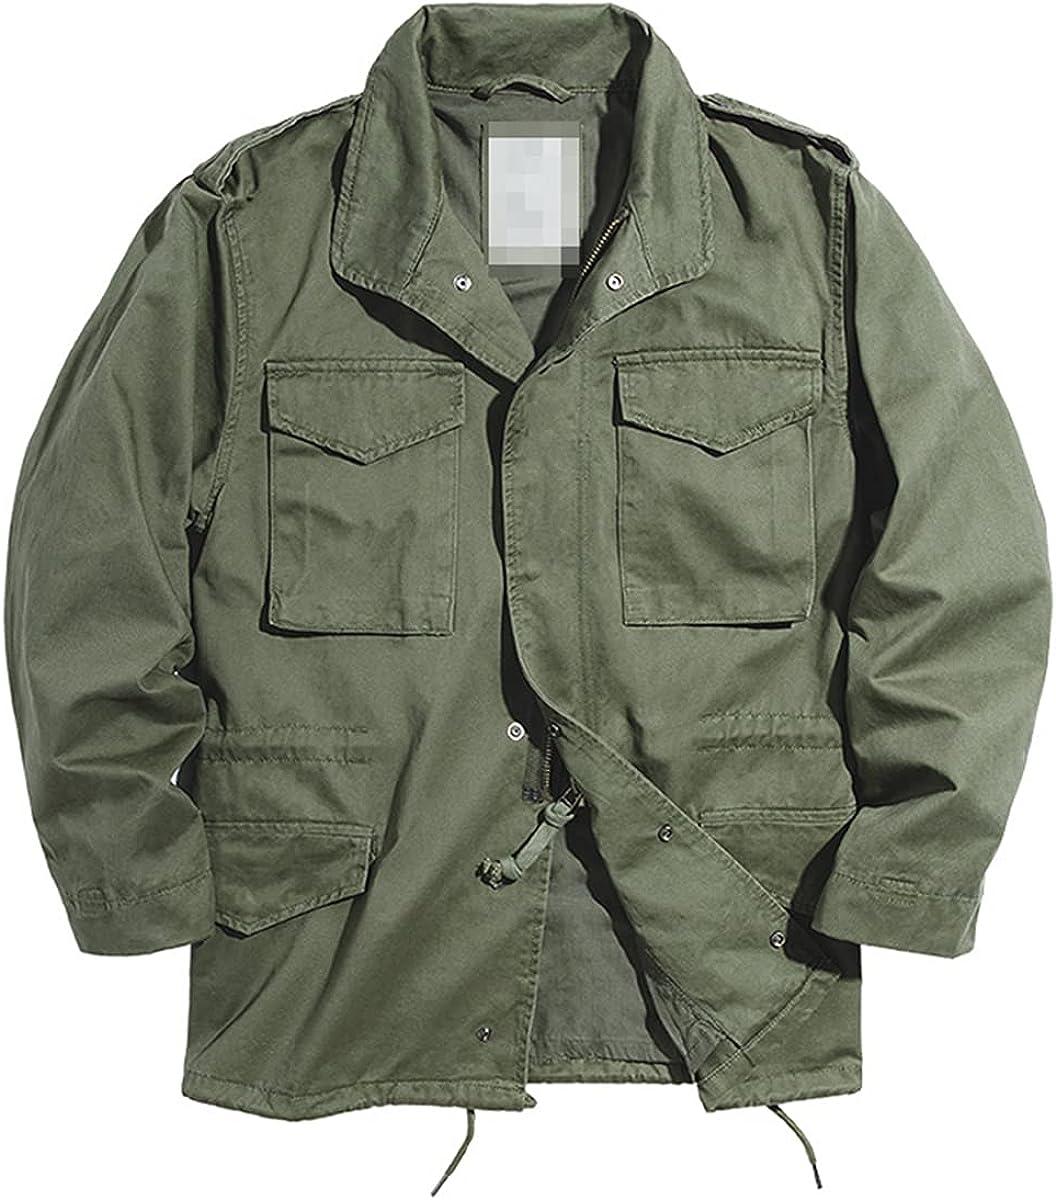 Men's Vintage Suit Military Green And Blue Multi-Pocket Denim Jacket Military Embroidered Denim Jacket